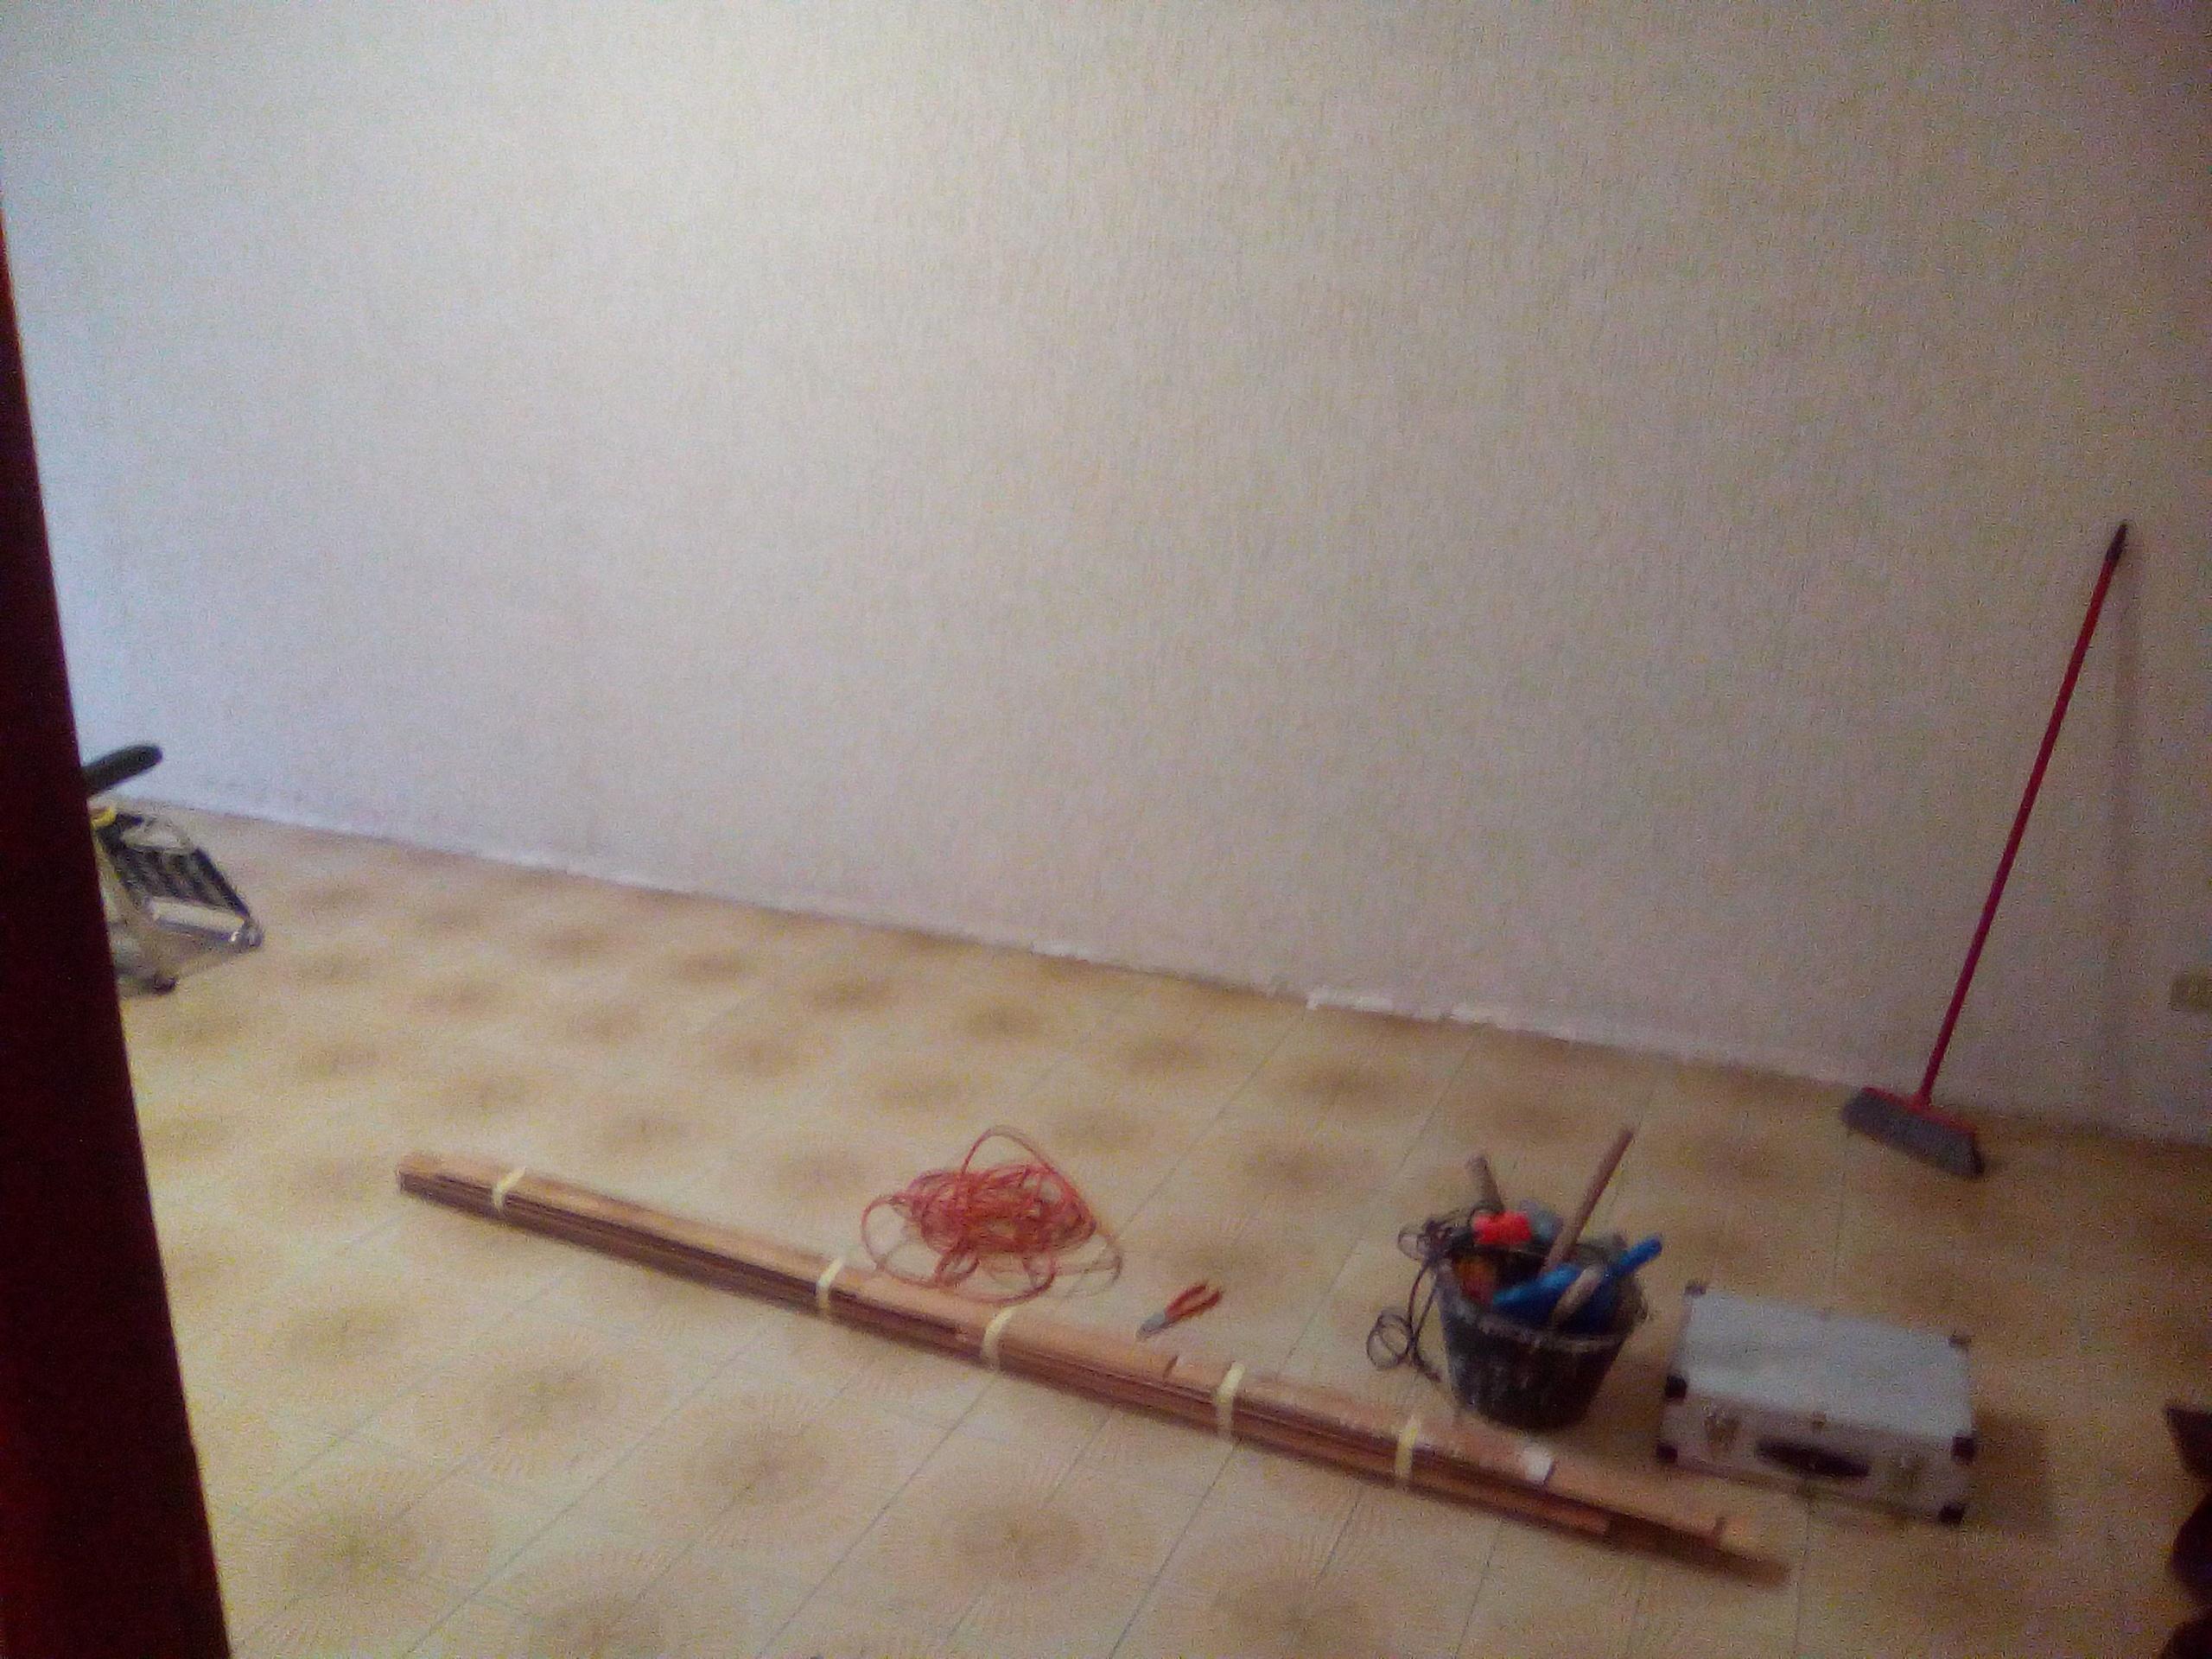 Quanto costa ristrutturare una casa vecchia a roma - Quanto costa una porta a scrigno ...